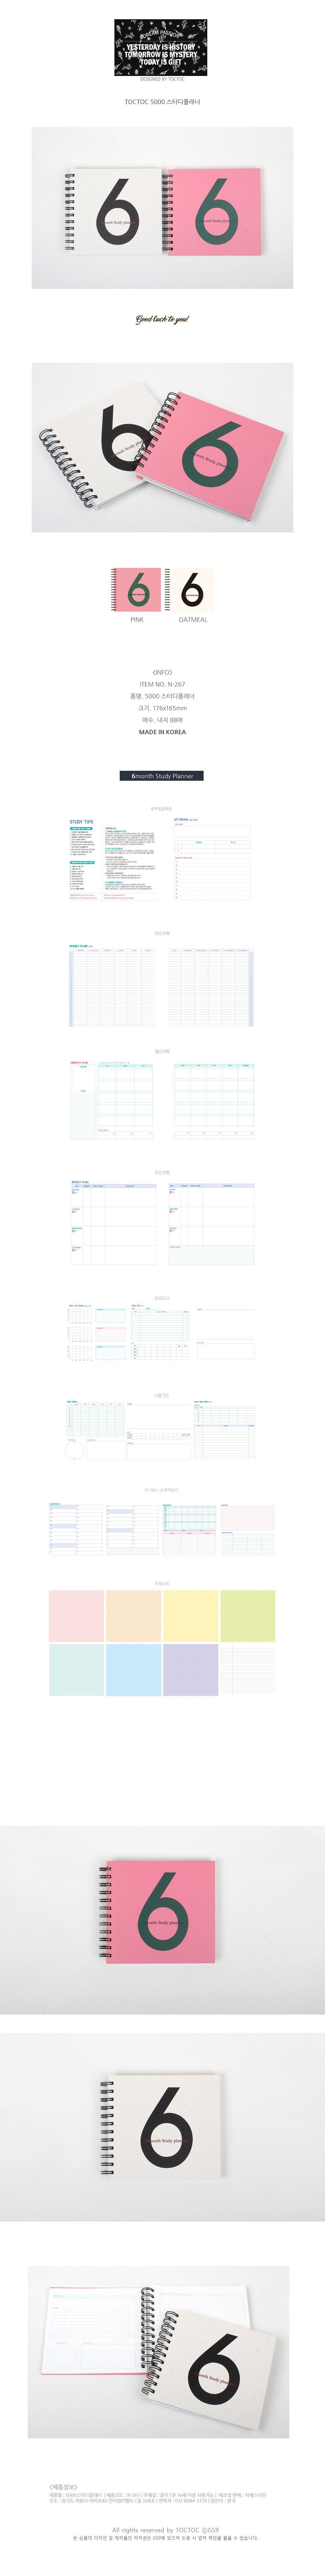 5000 스터디플래너(6개월/SIX) - 톡톡팬시, 5,000원, 플래너, 스터디플래너